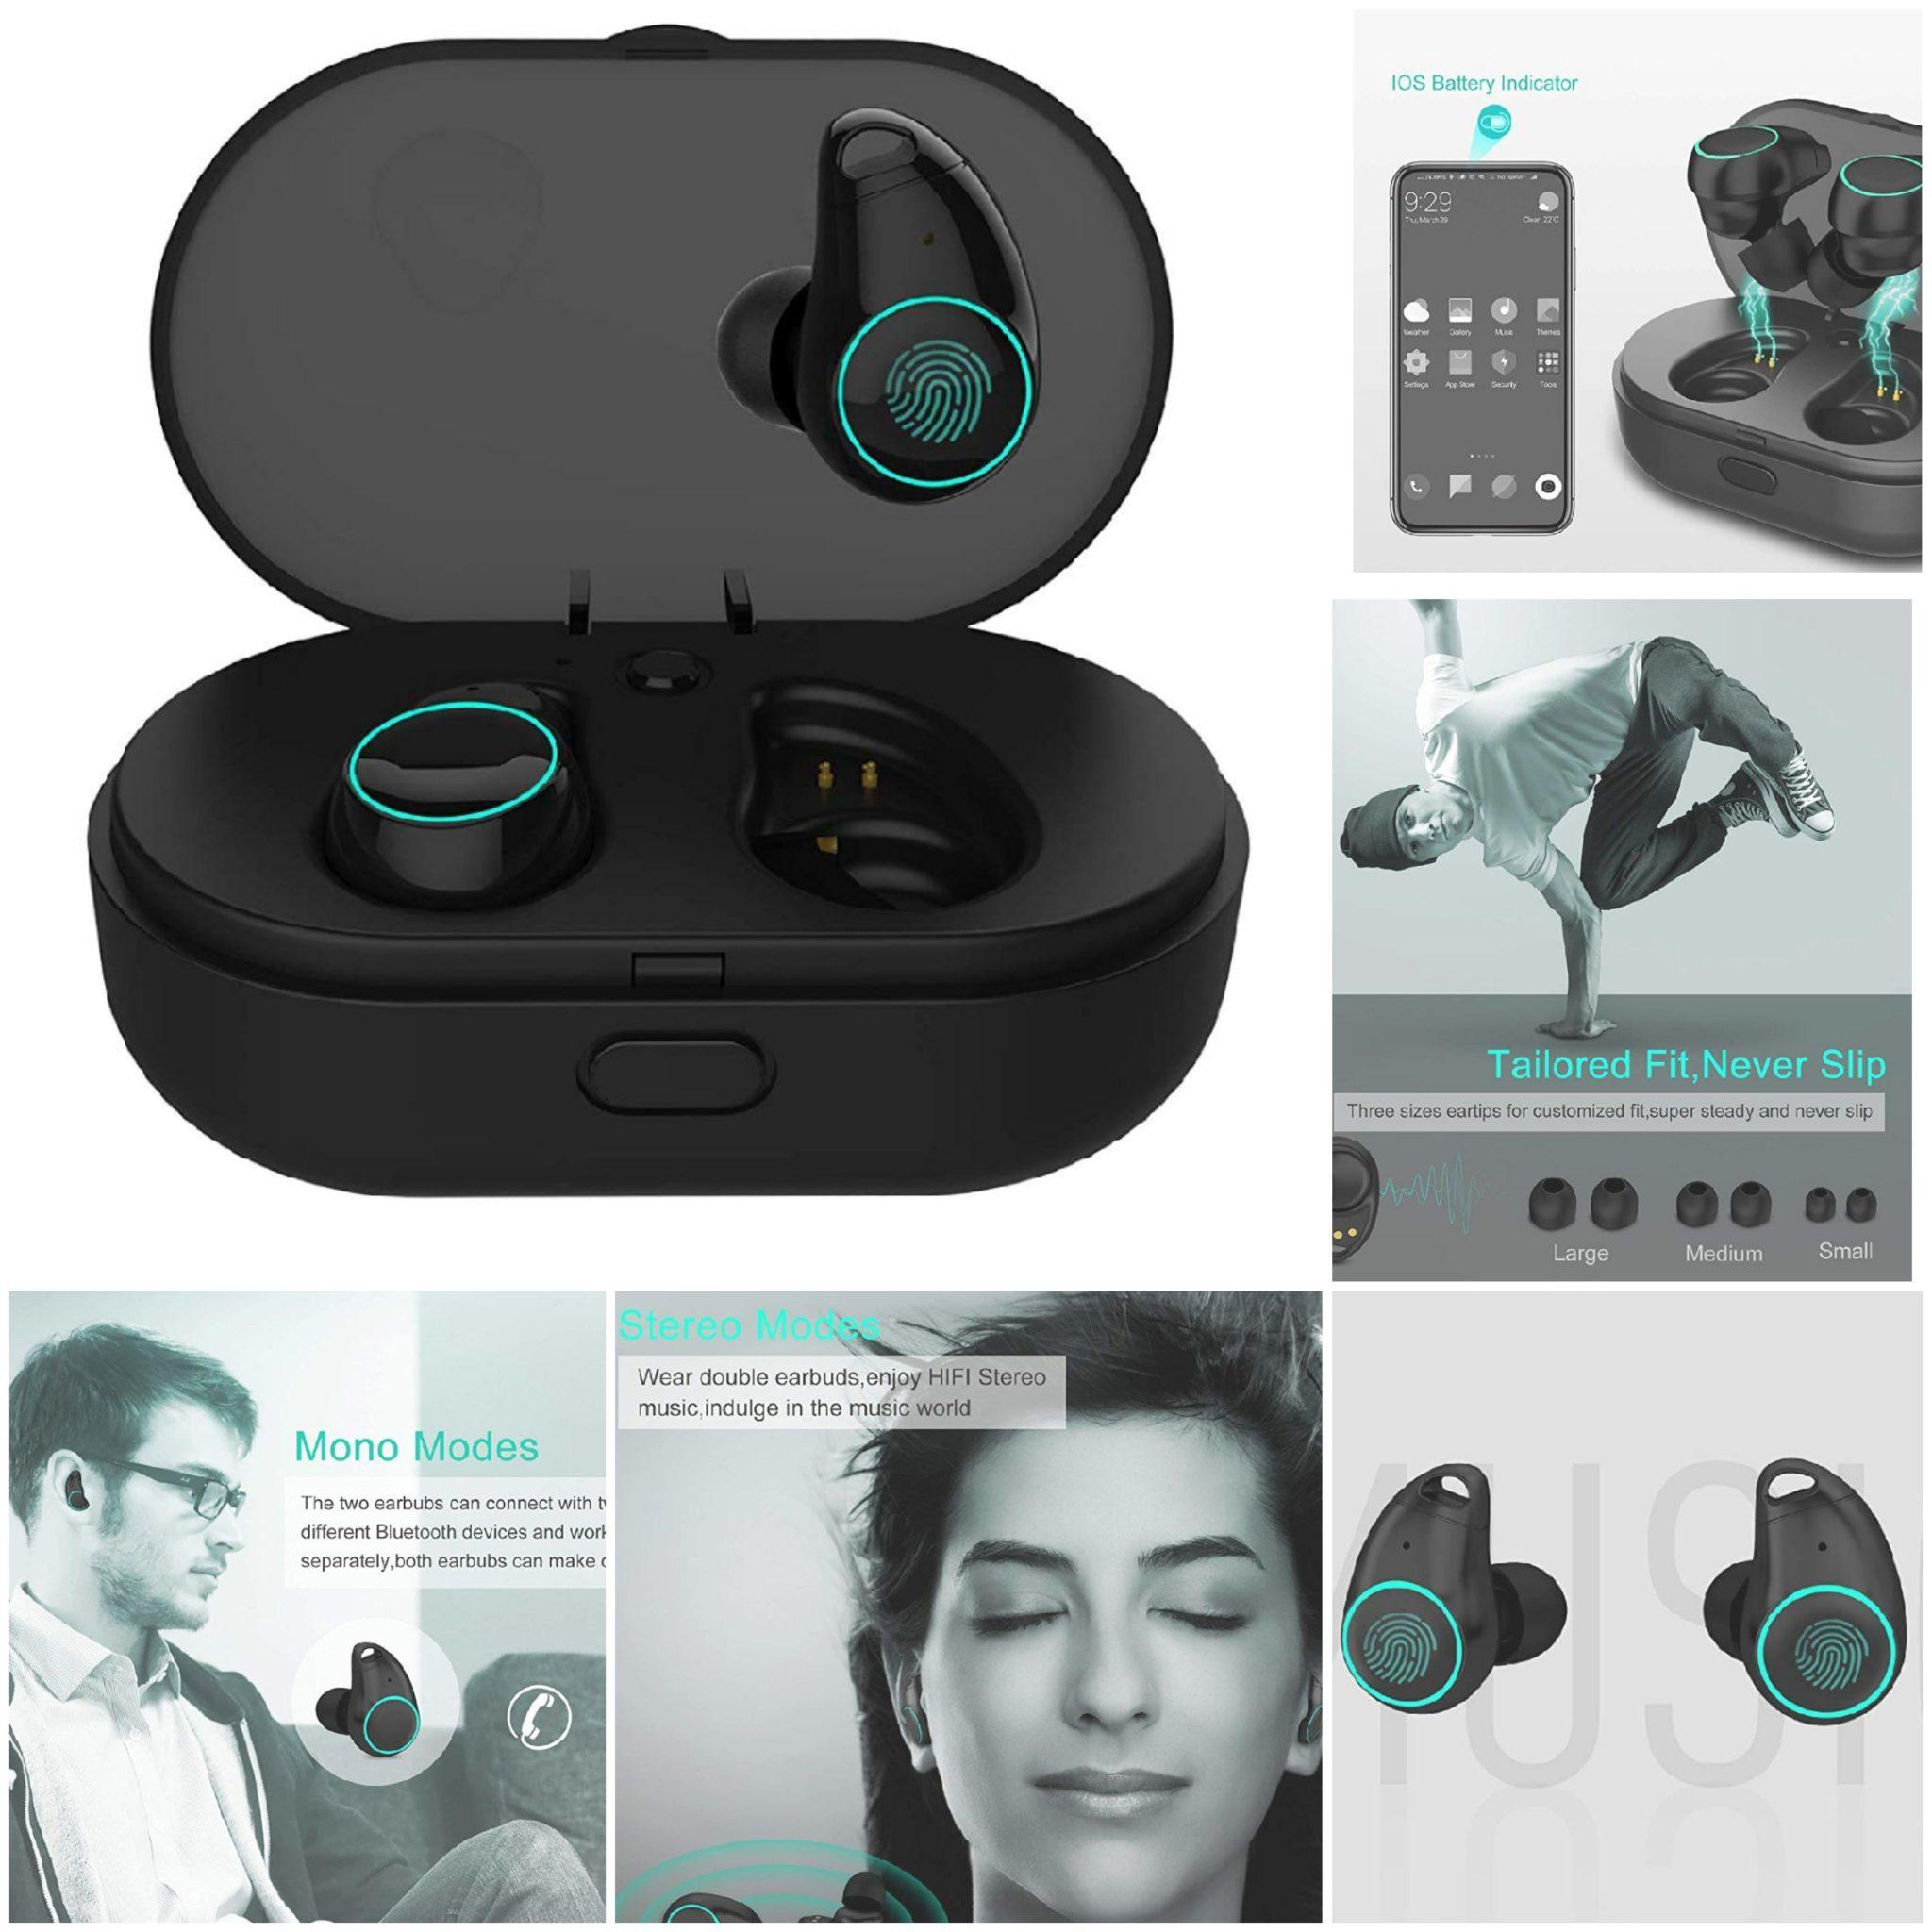 Cuffie e auricolari Recensione Arbily Auricolari i7 Wireless